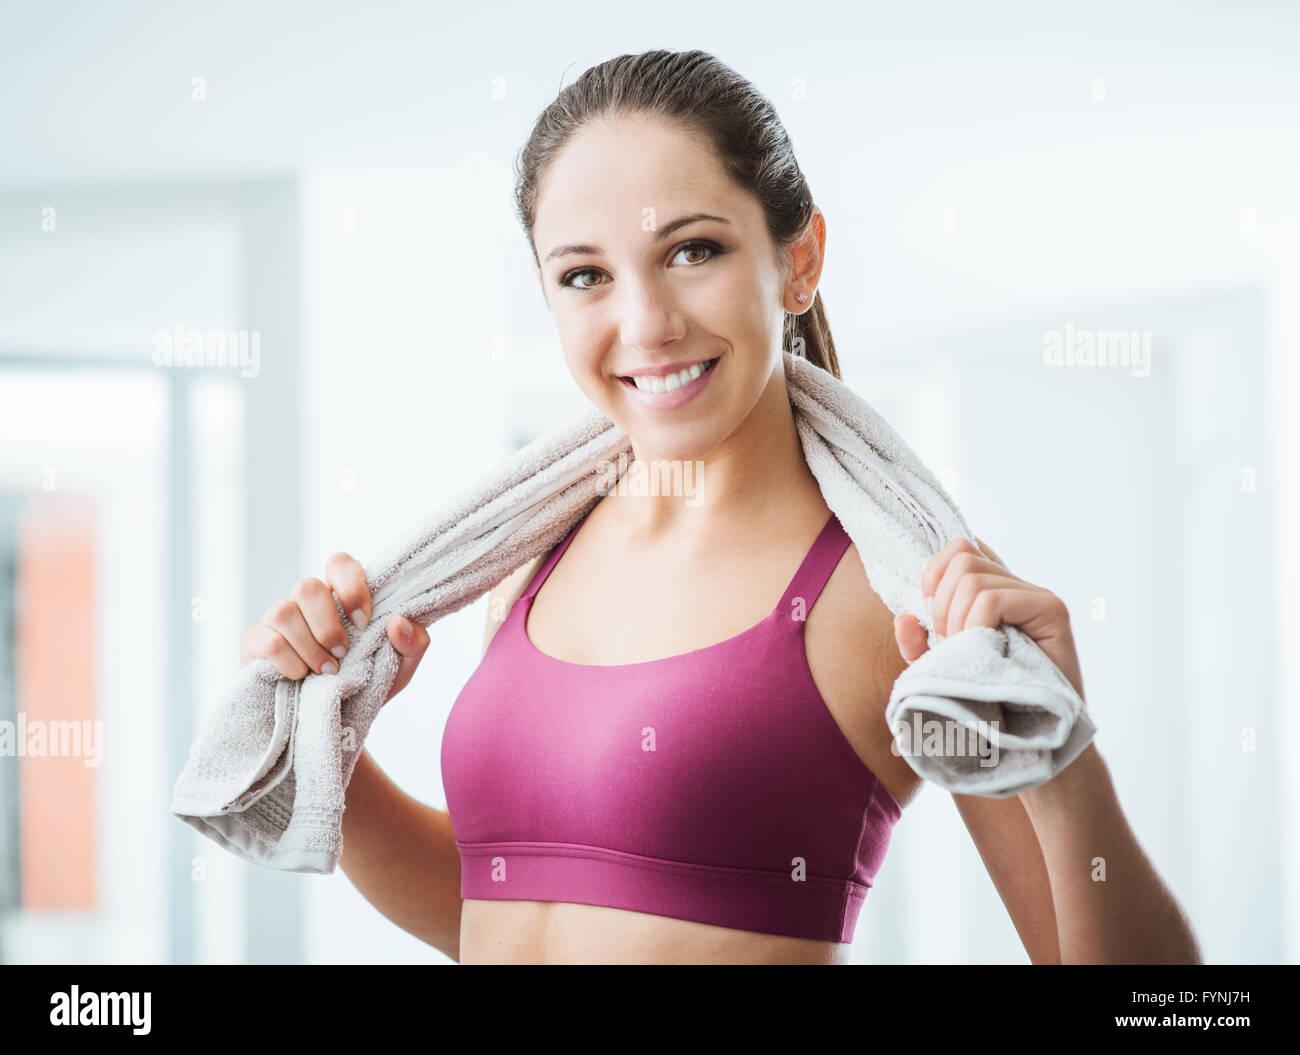 Belle femme sportive avec sèche-serviettes dans la salle de sport de détente après l'entraînement, le mode de vie sain et fitness concept Banque D'Images